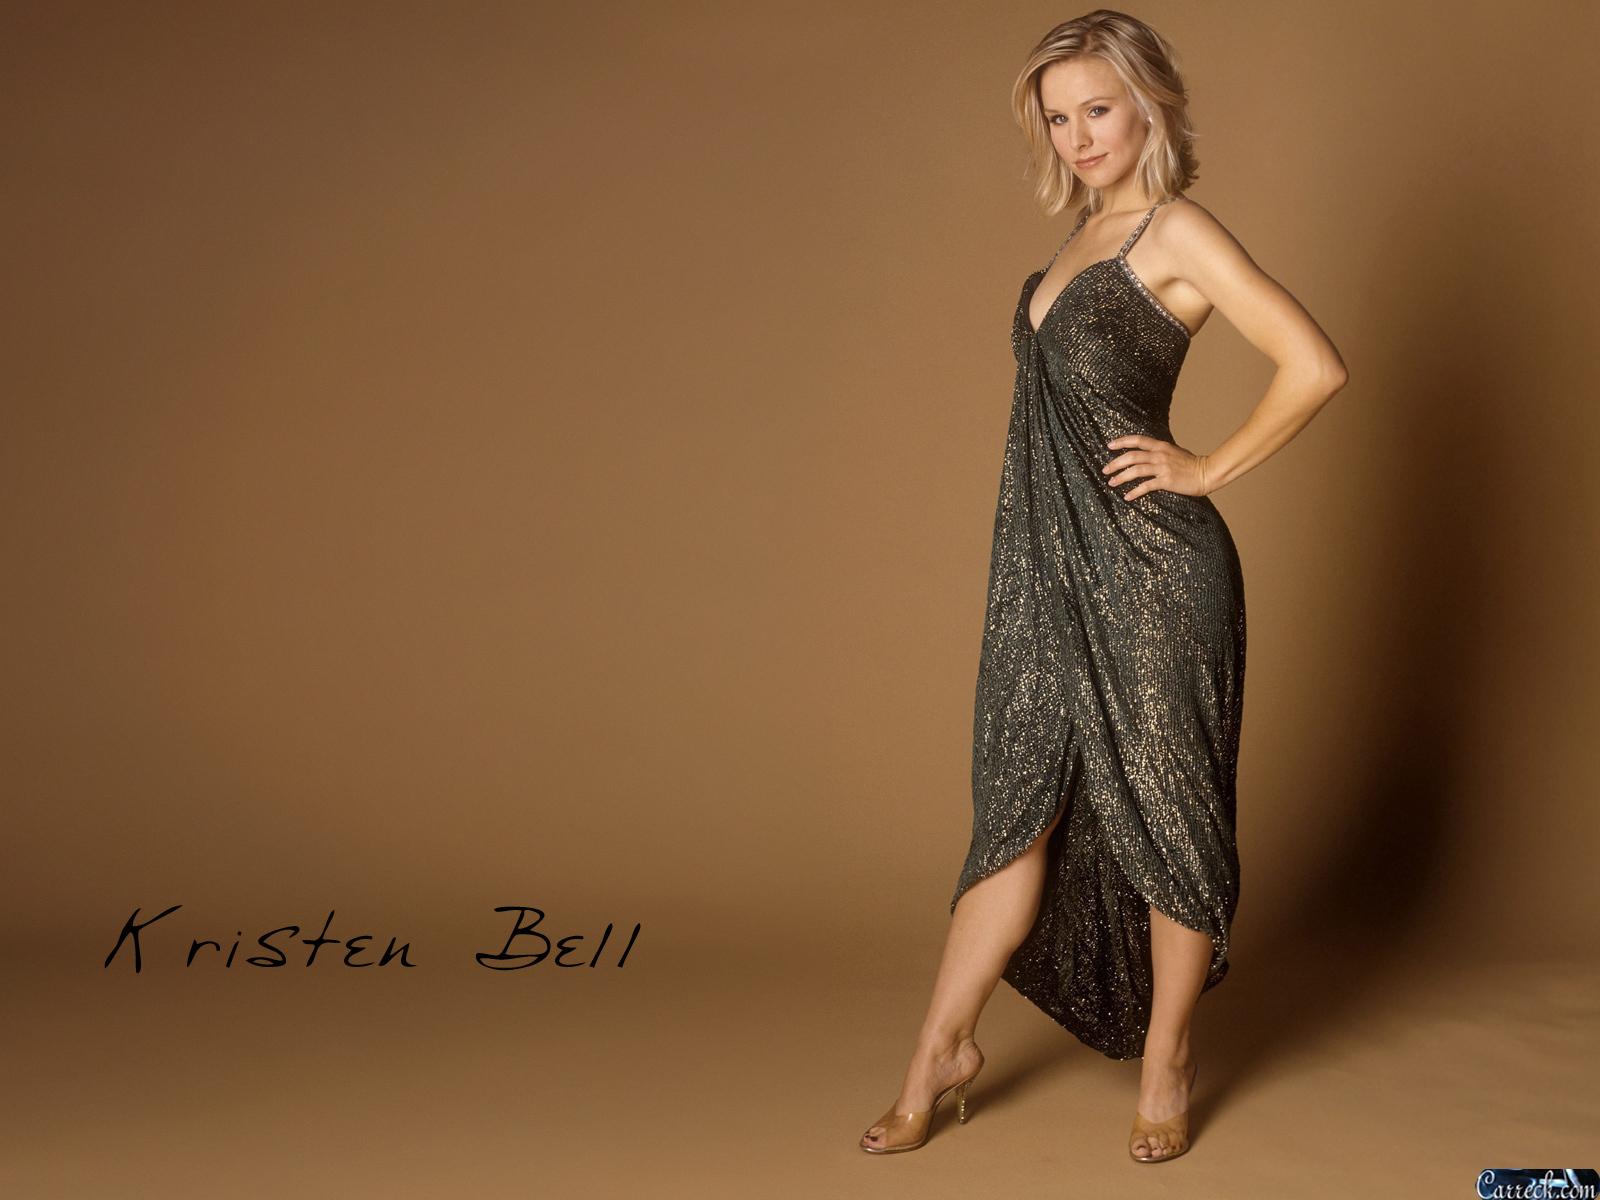 197 <b>Kristen Bell</b> HD Wallpapers | Backgrounds - <b>Wallpaper</b> Abyss